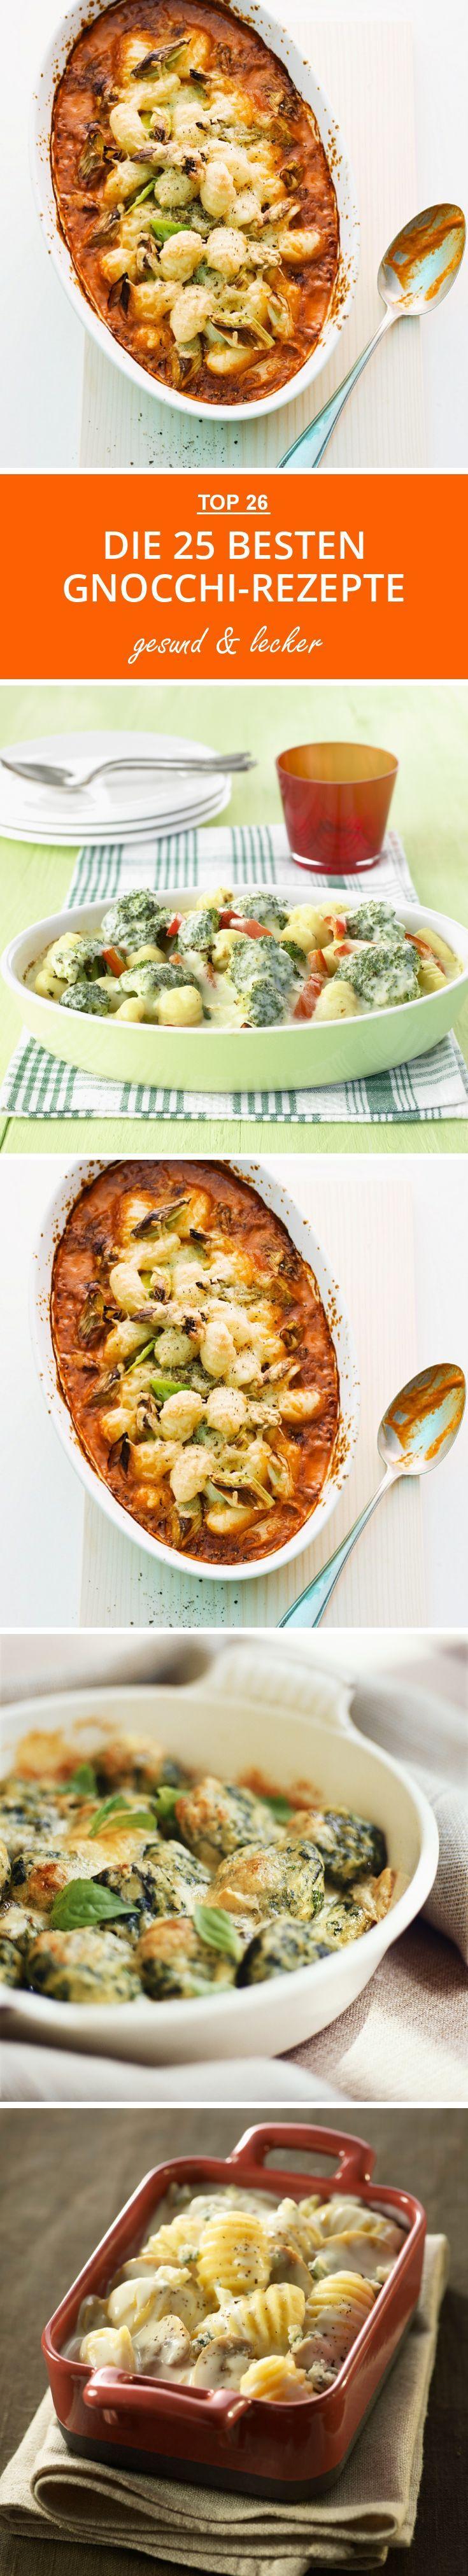 Die 25 besten Gnocchi-Rezepte | eatsmarter.de